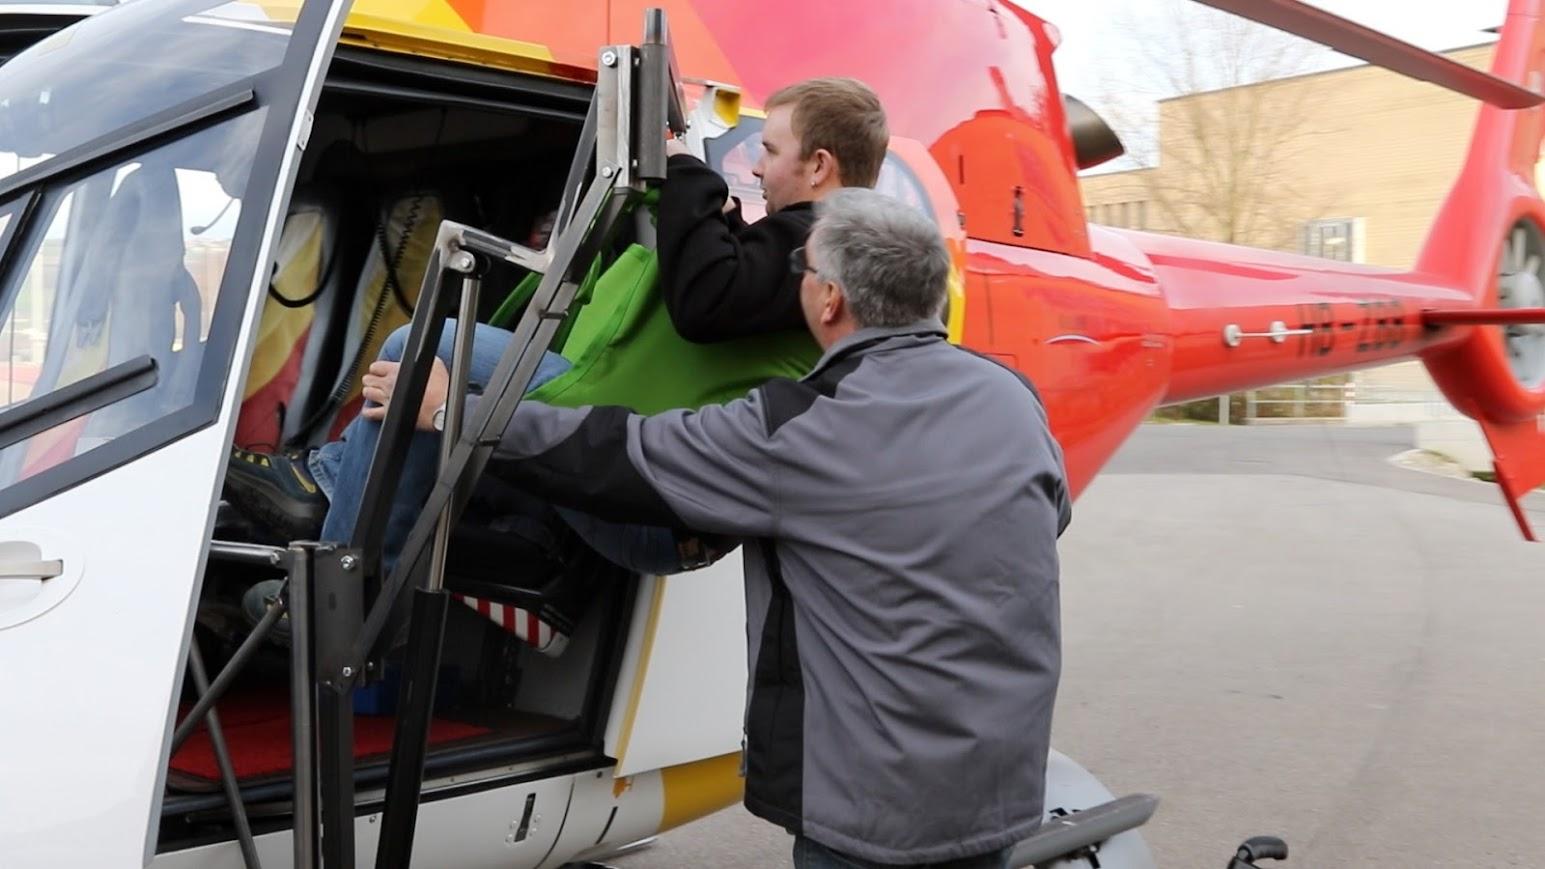 occasion-personenlift-hubschrauber-airhandicap-hueberli-05